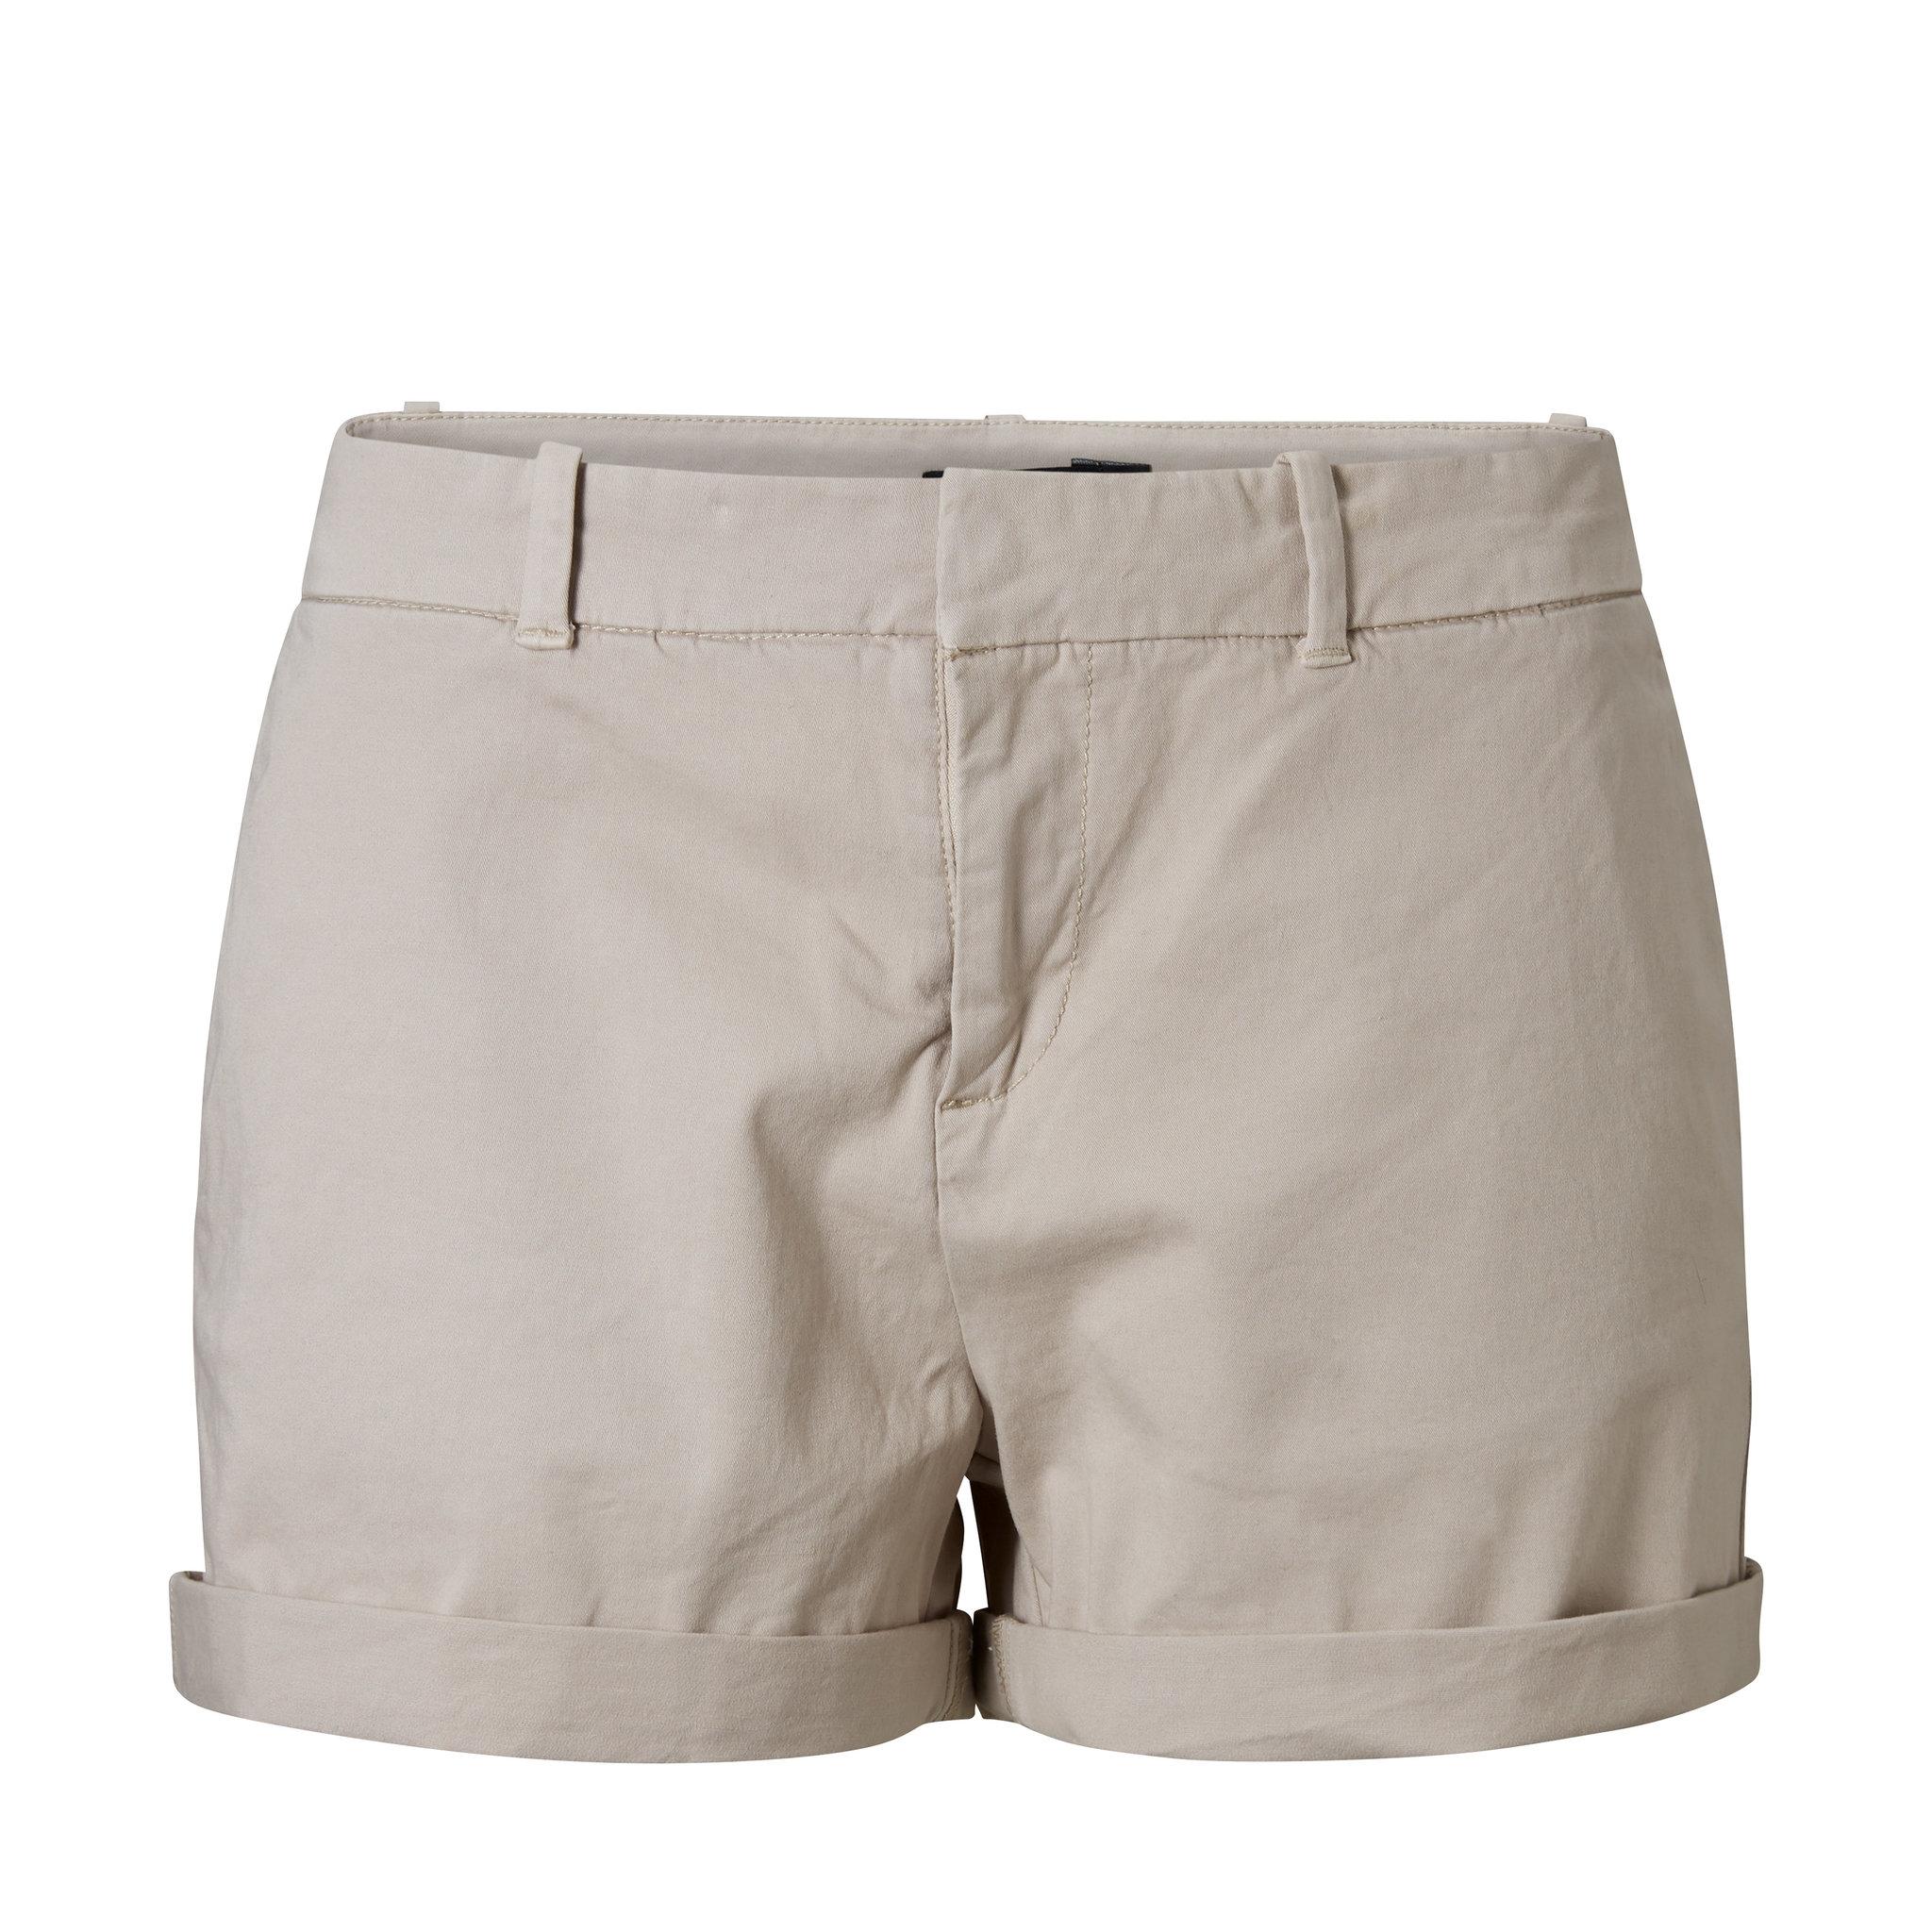 Shorts - Shorts - Köp online på åhlens.se! 0471a884c0d5f